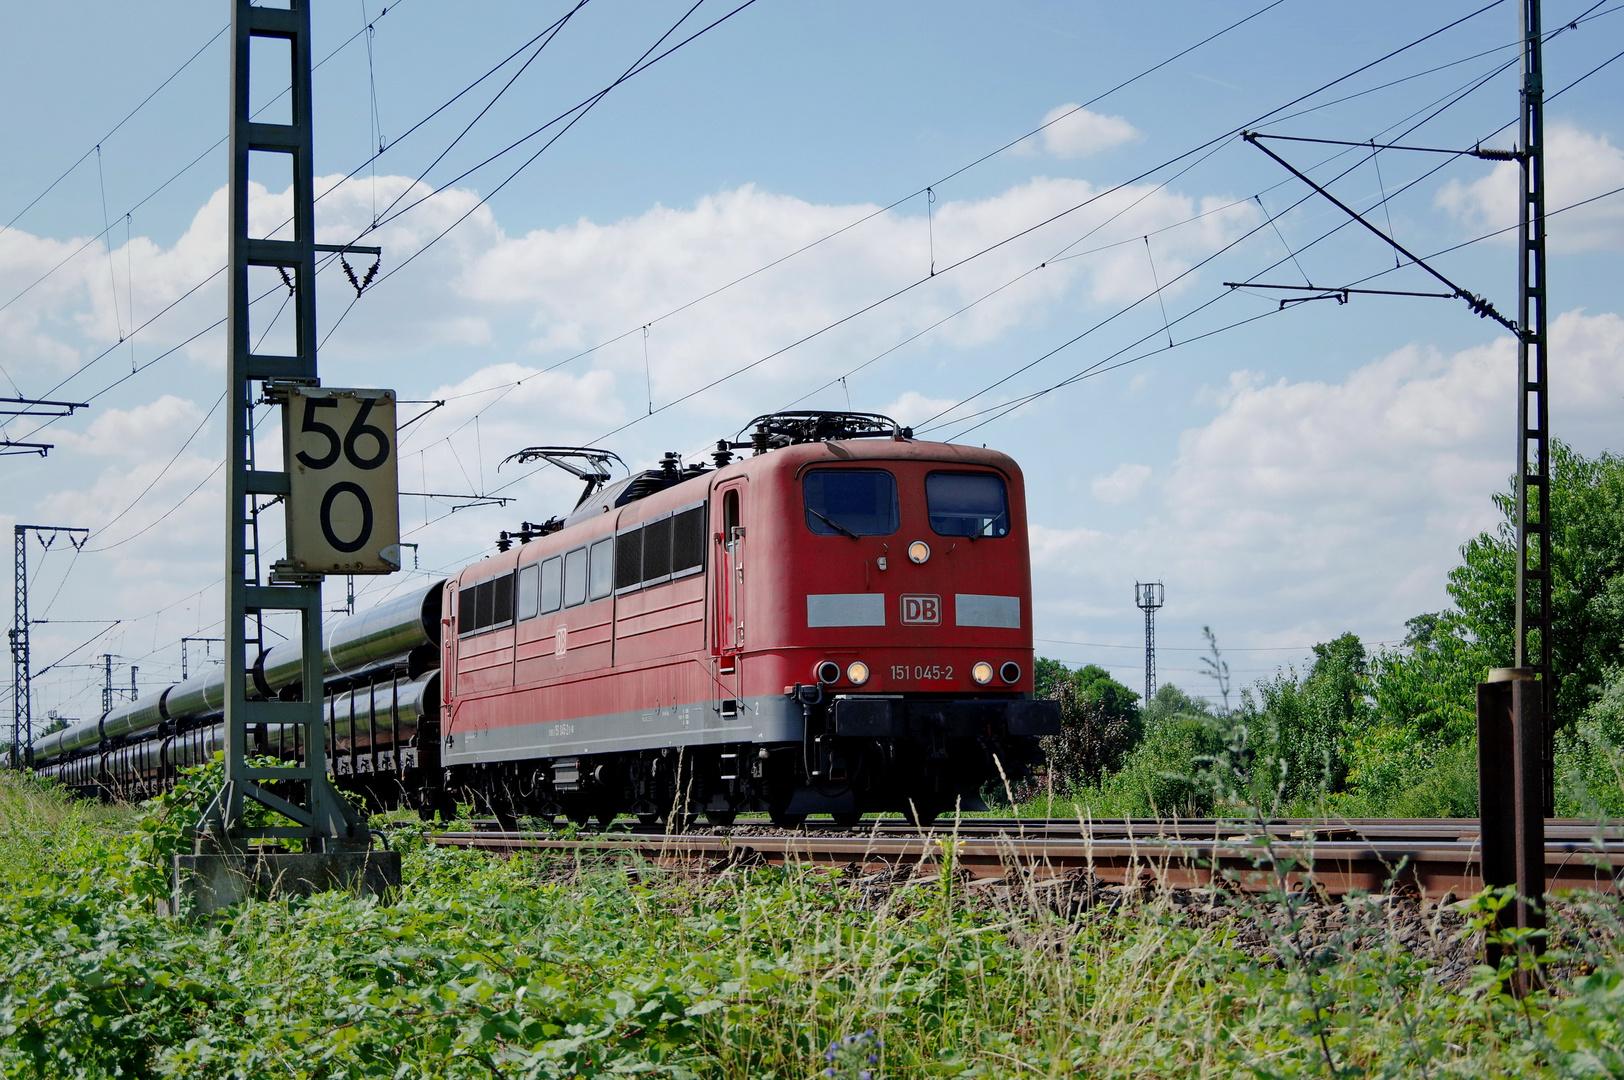 BR 151 045-2 DB - Ganzzug (Röhren)